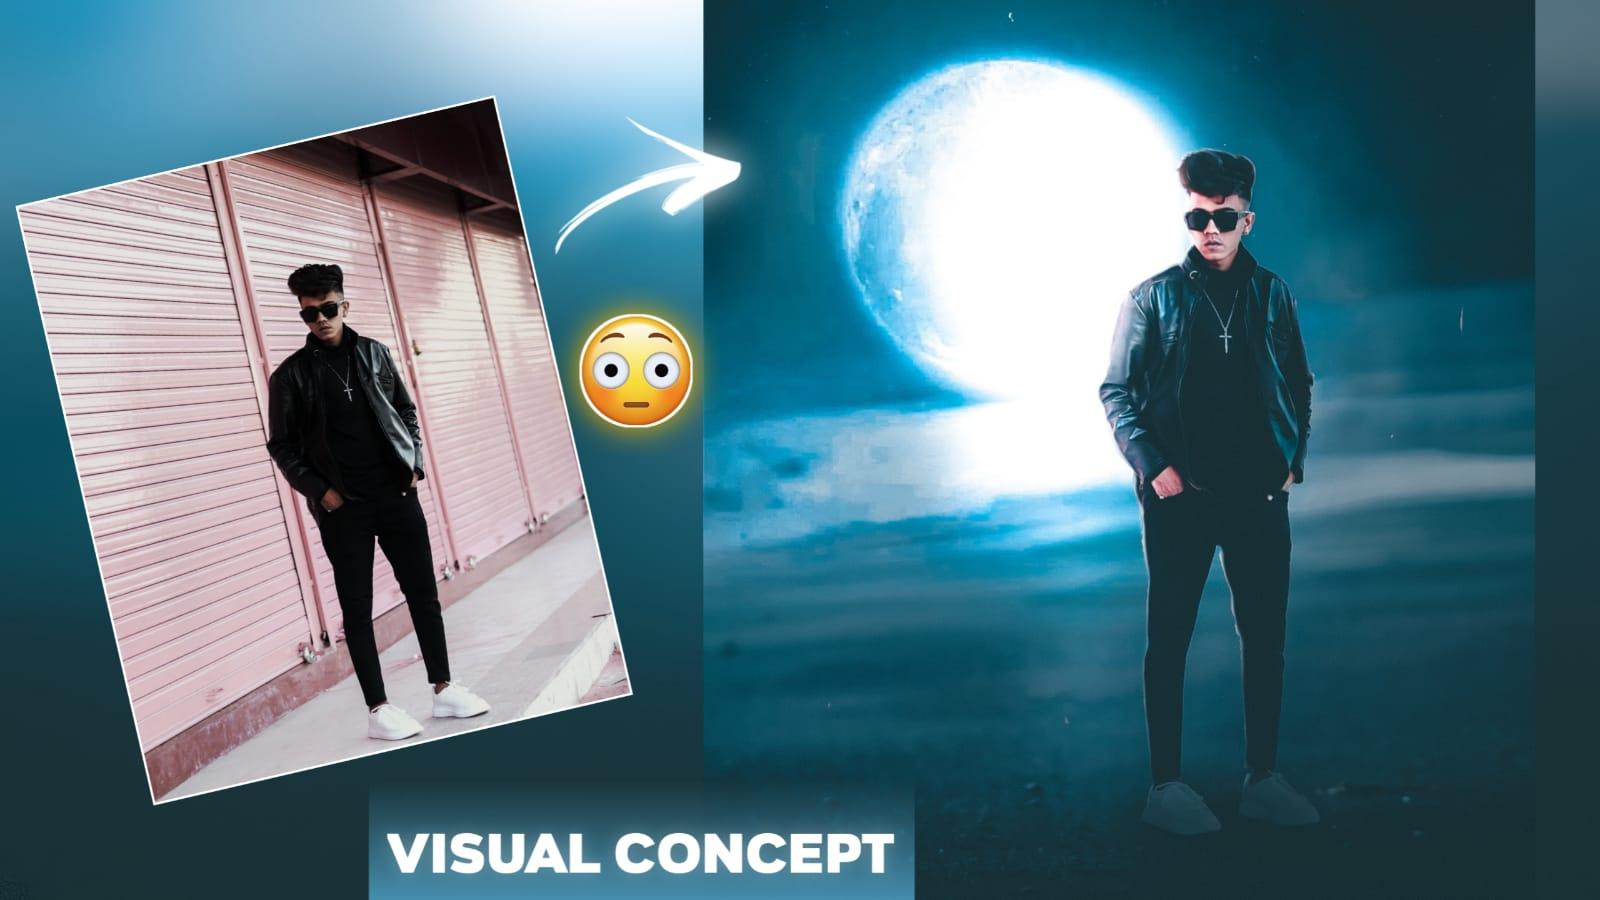 Creative Visual Editing